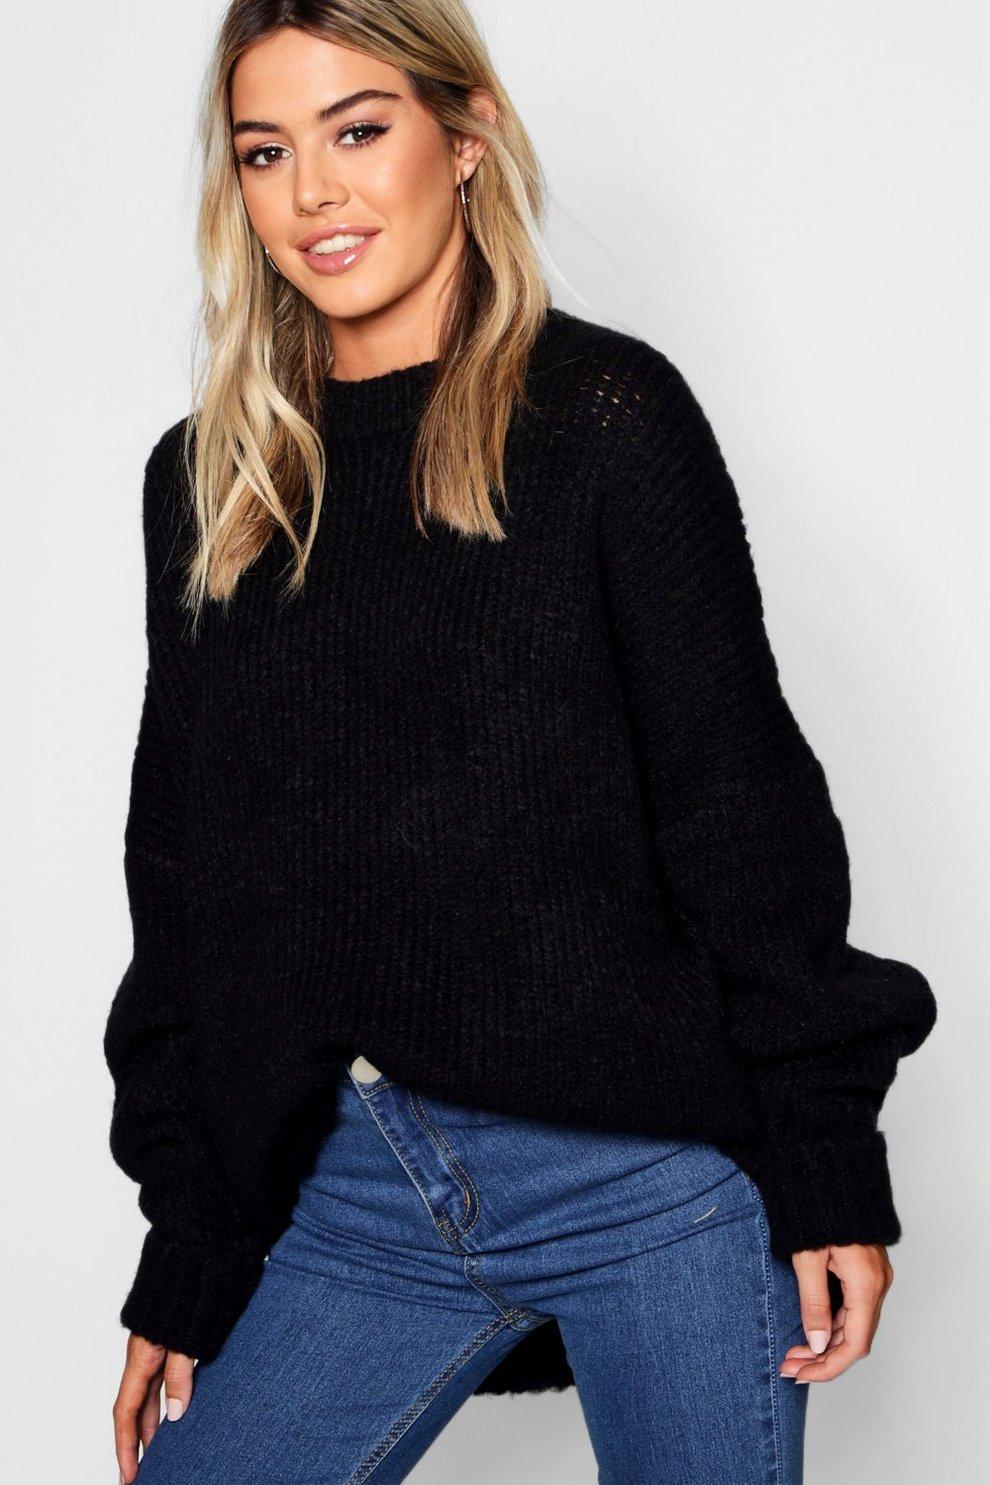 b51f33930 Petite Oversize Rib Knit Sweater